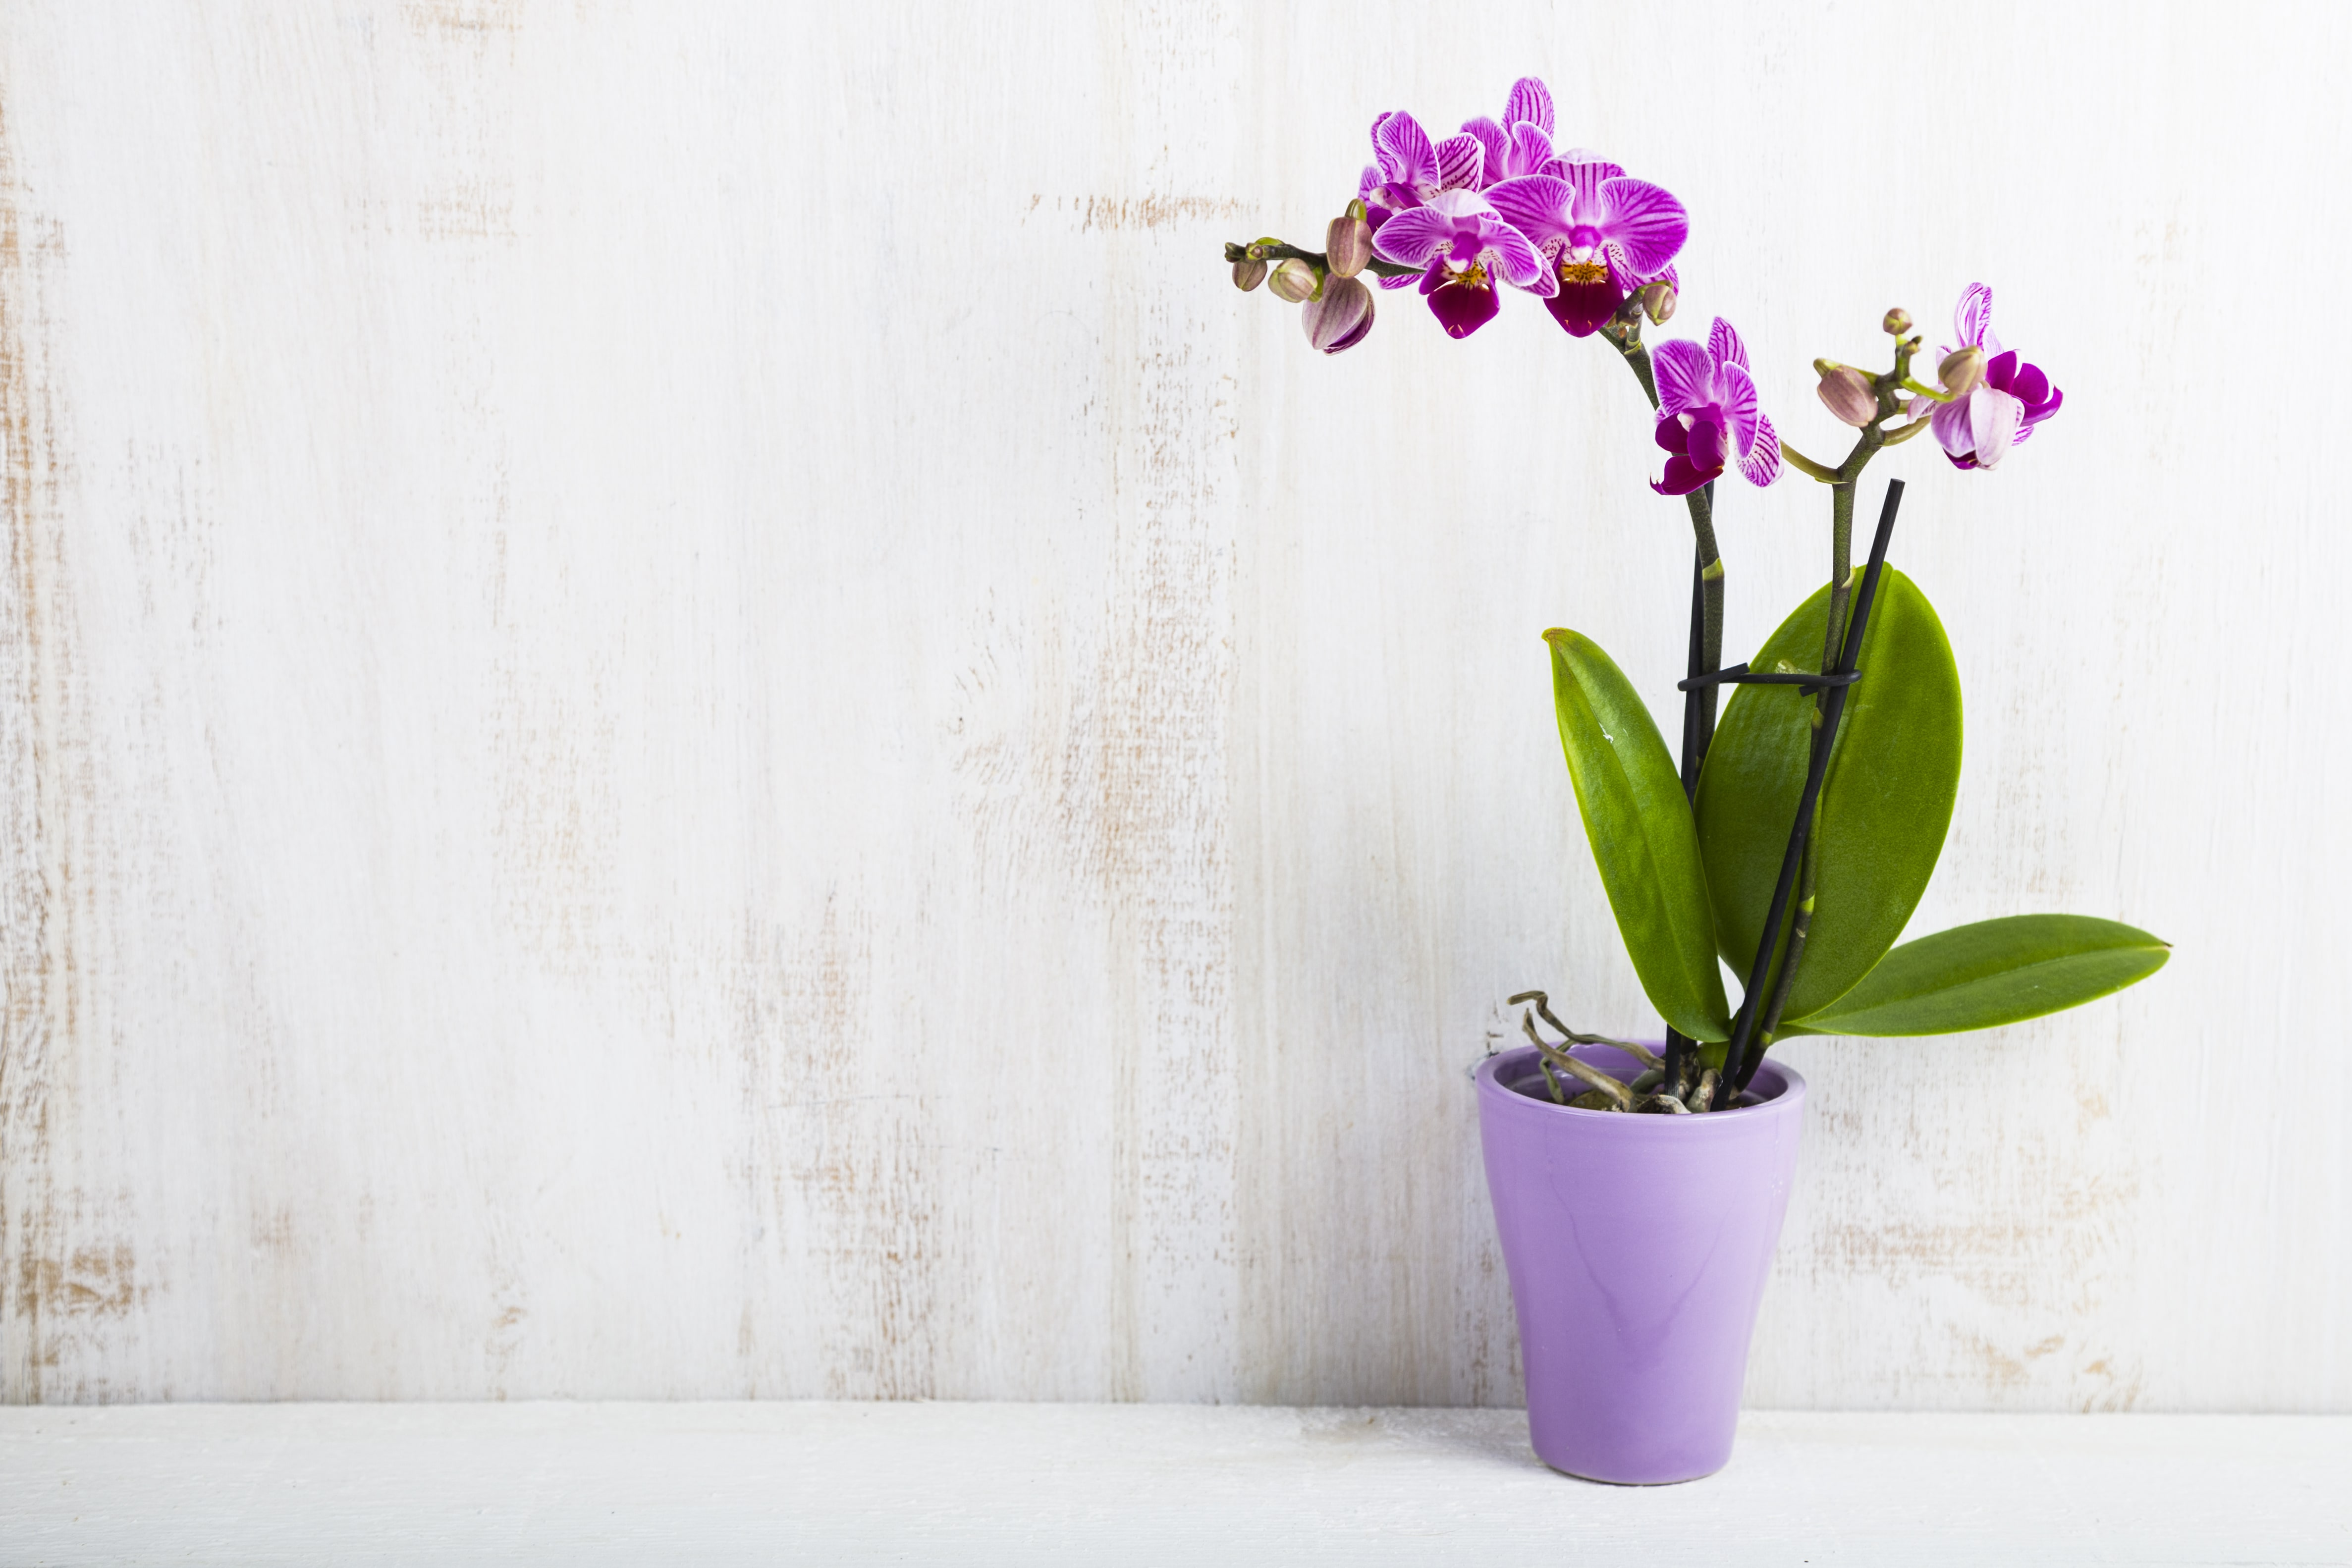 紫の胡蝶蘭の鉢植え